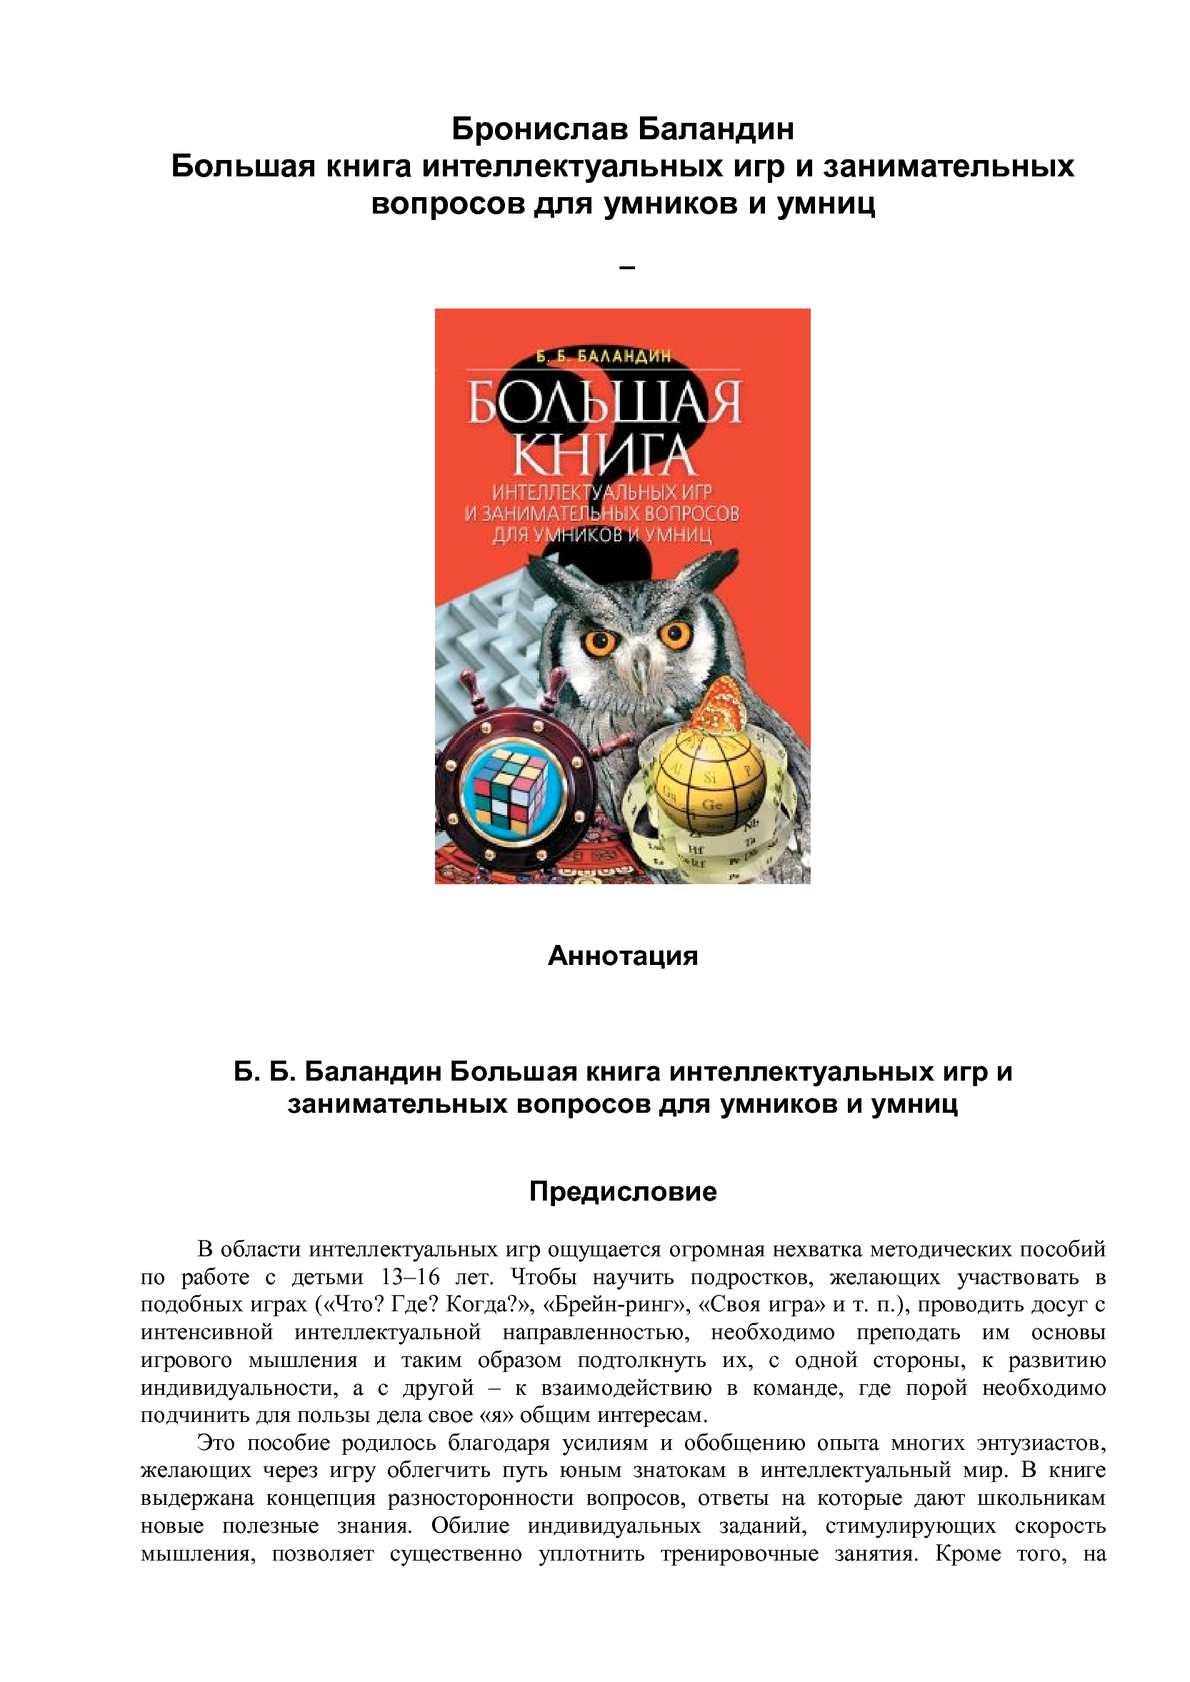 Решебник по истории 5 класс в тетради в.с.кошель н.в.байдакова